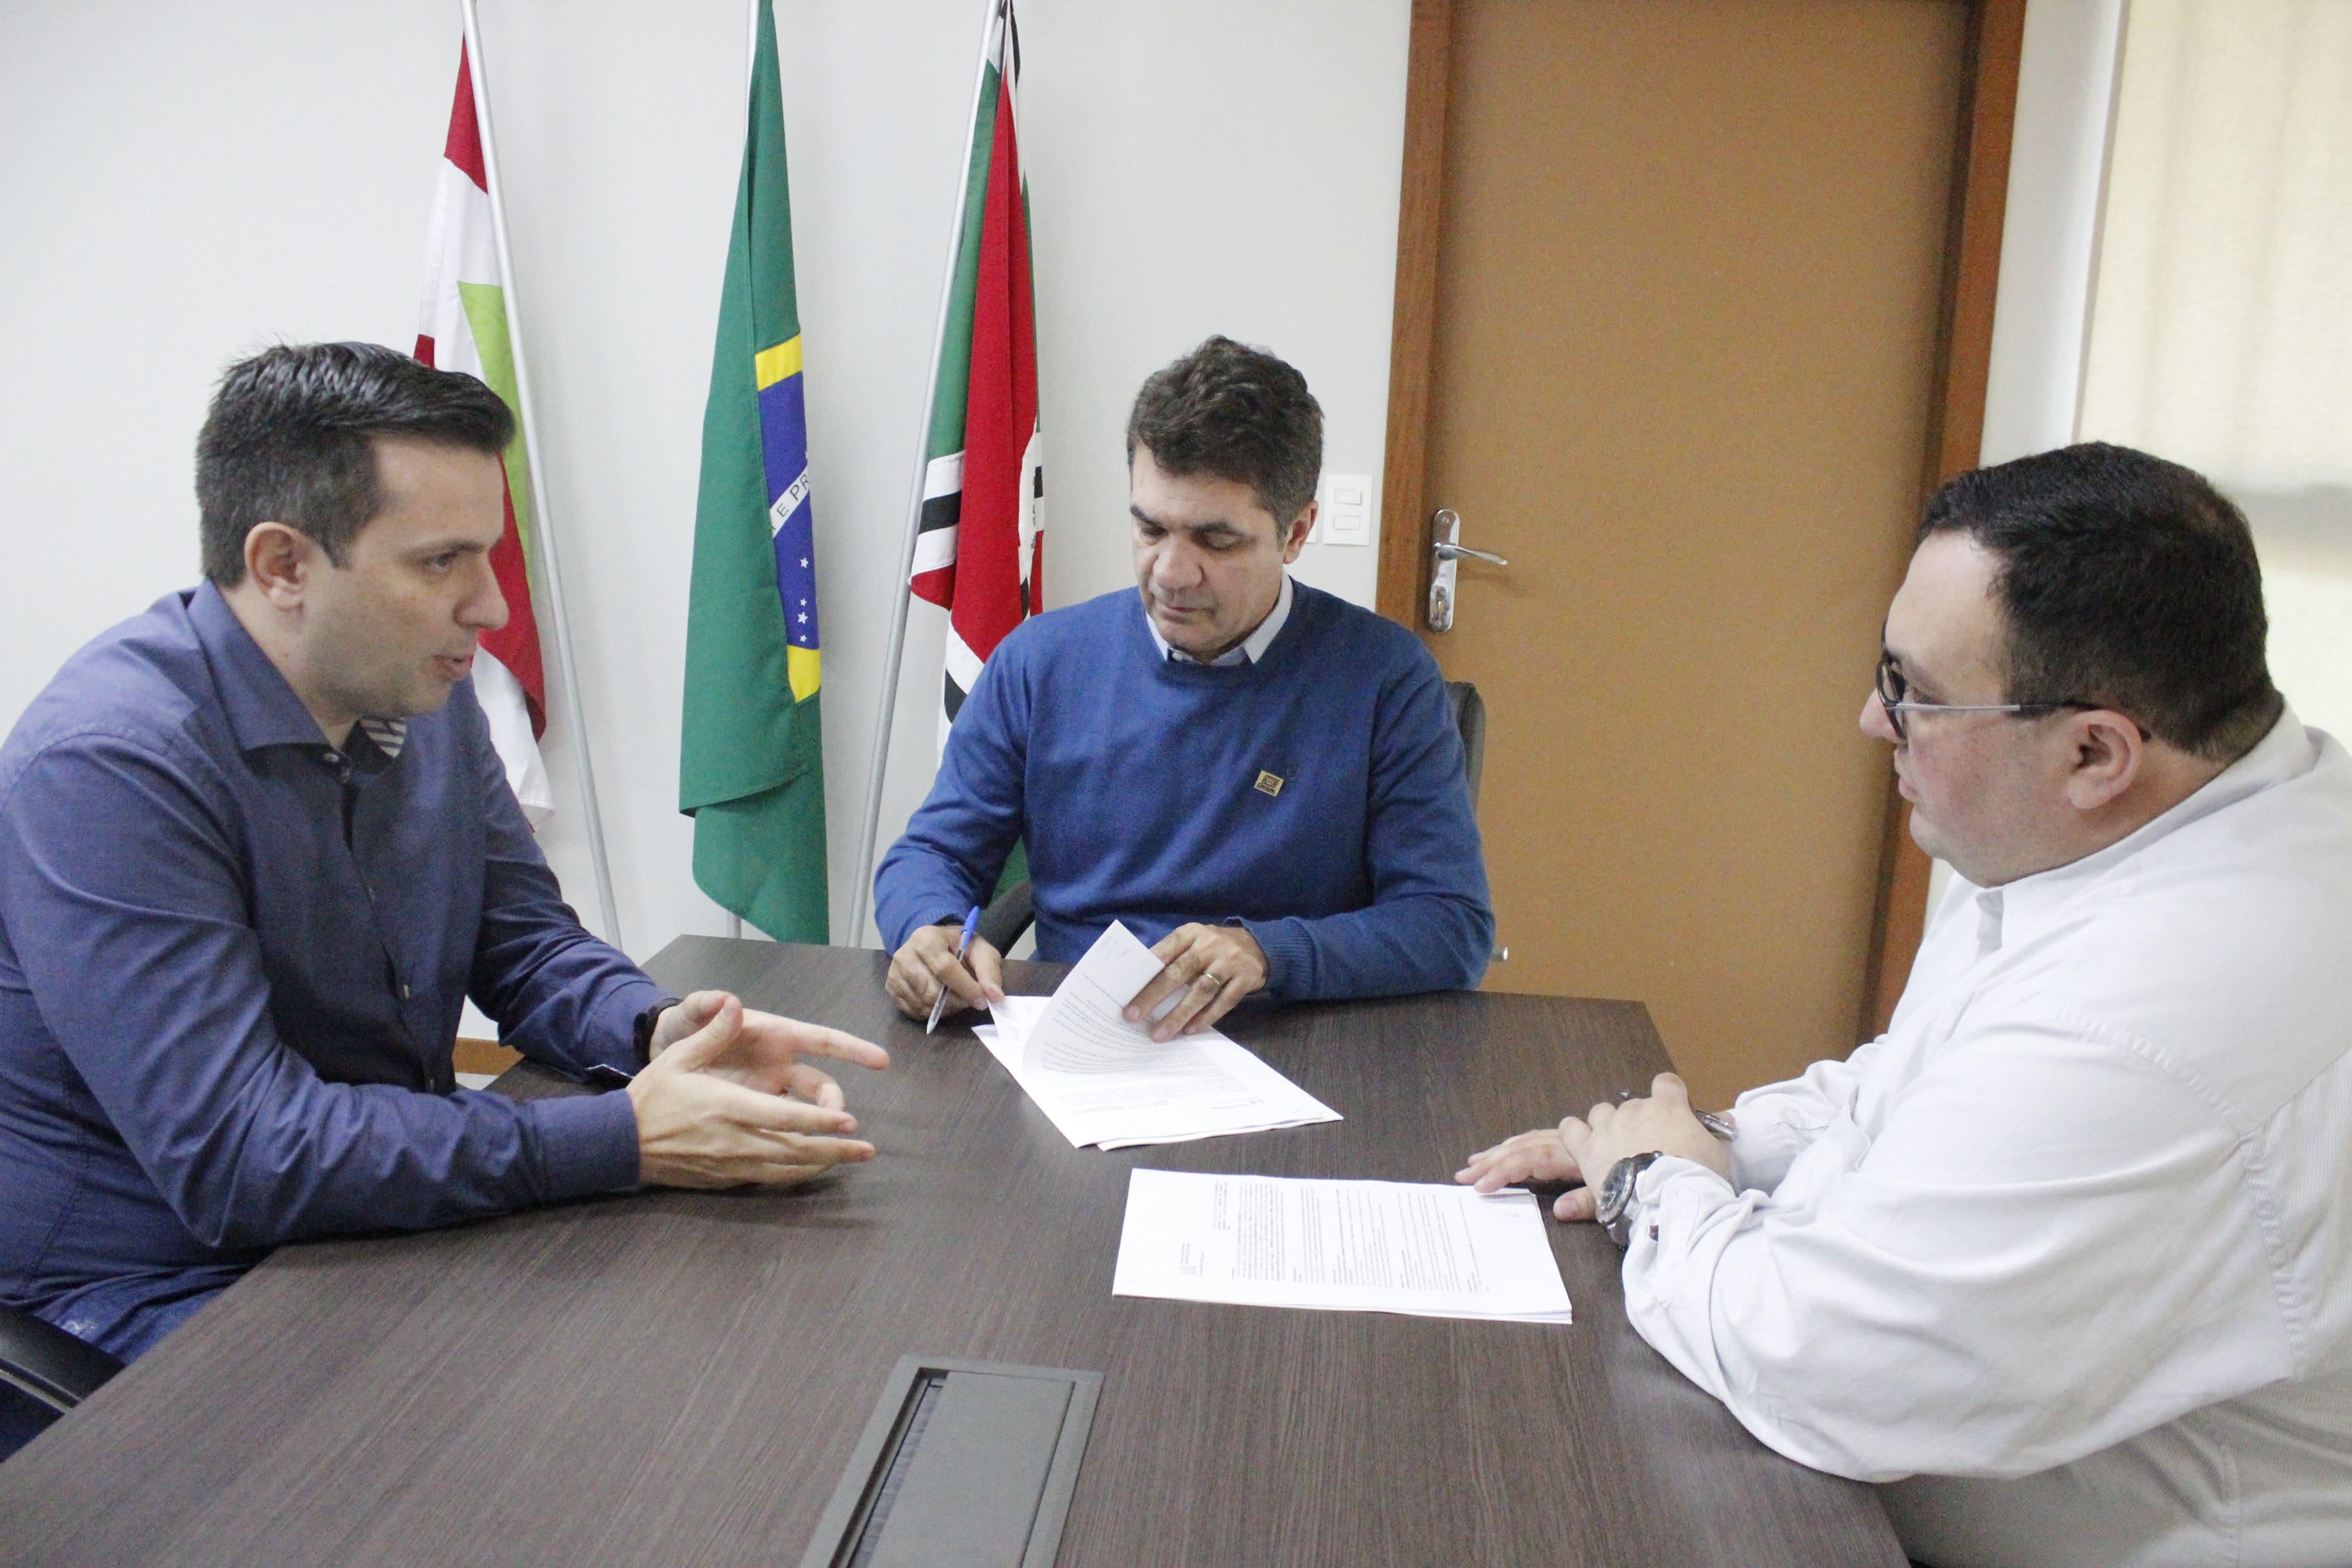 Prefeitura Municipal de Criciúma - Prefeitura assina contrato com nova empresa de fiscalização eletrônica